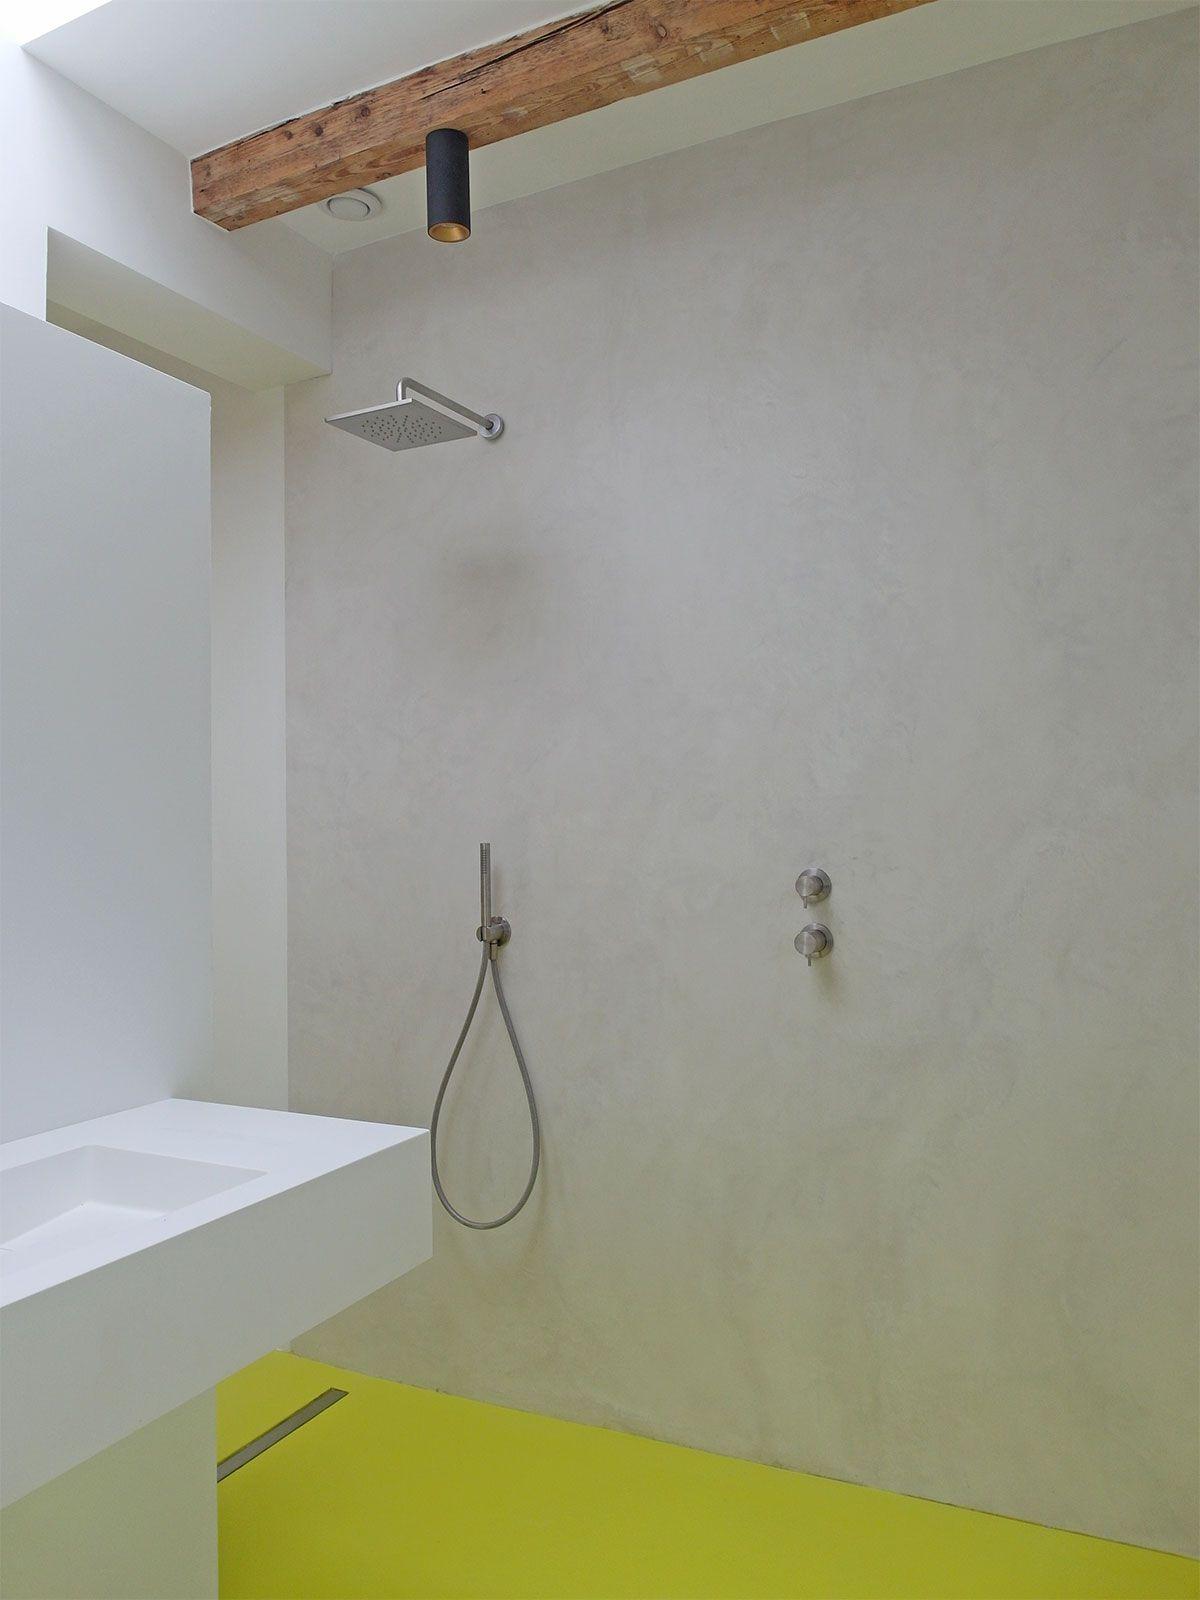 Gietvloer badkamer Amsterdam | Pinterest | Interiors